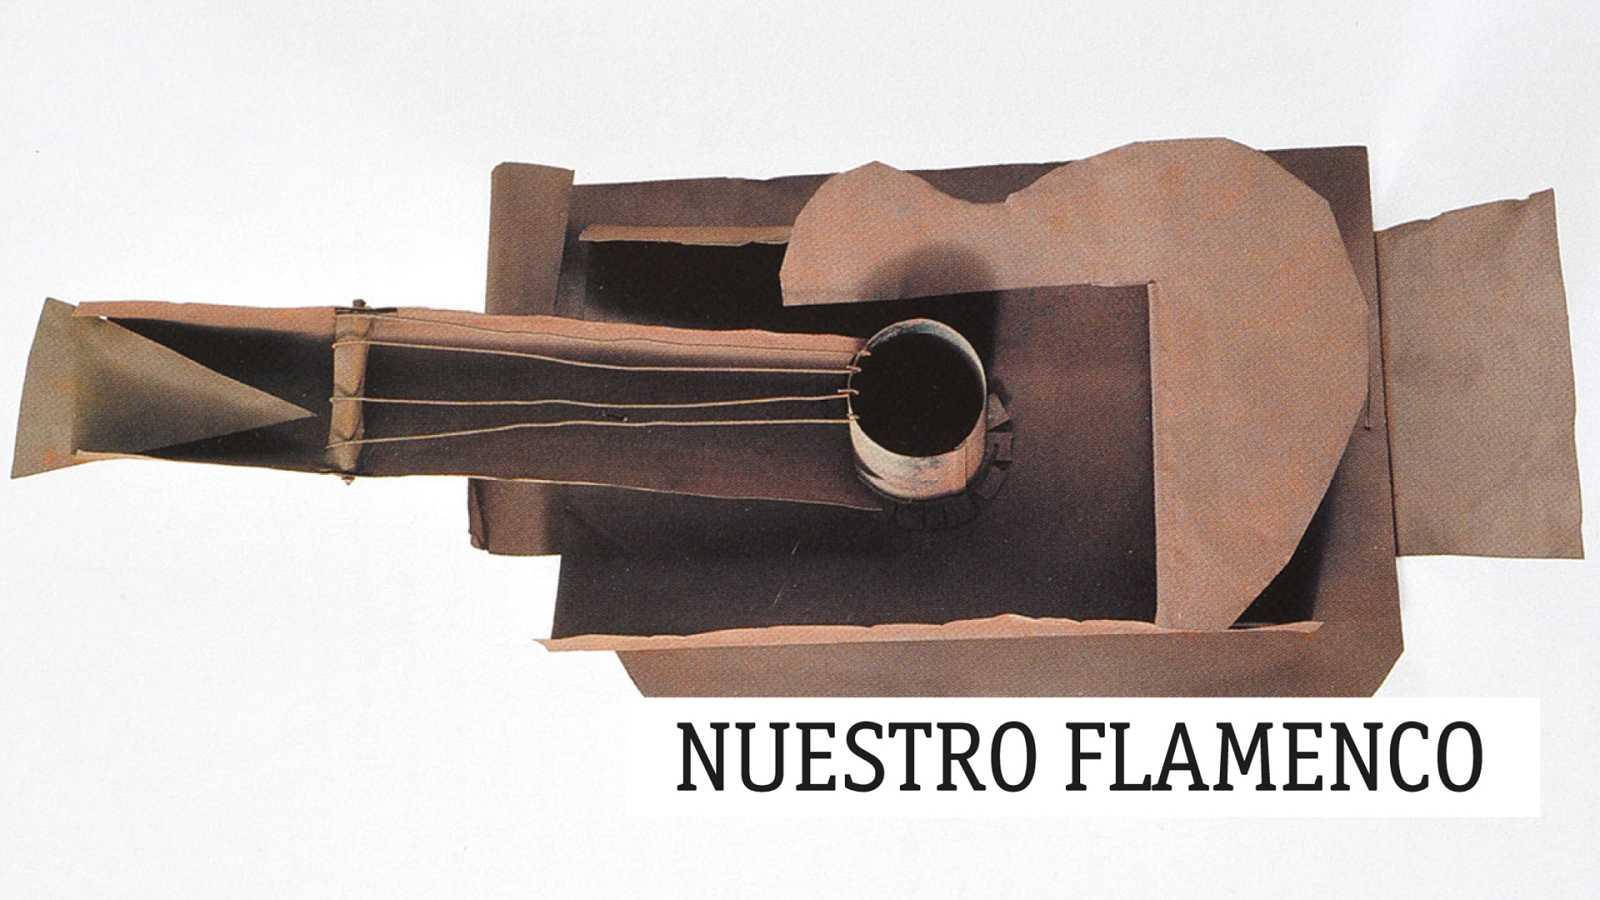 Nuestro flamenco - Historia de una Antología - 03/11/20 - escuchar ahora